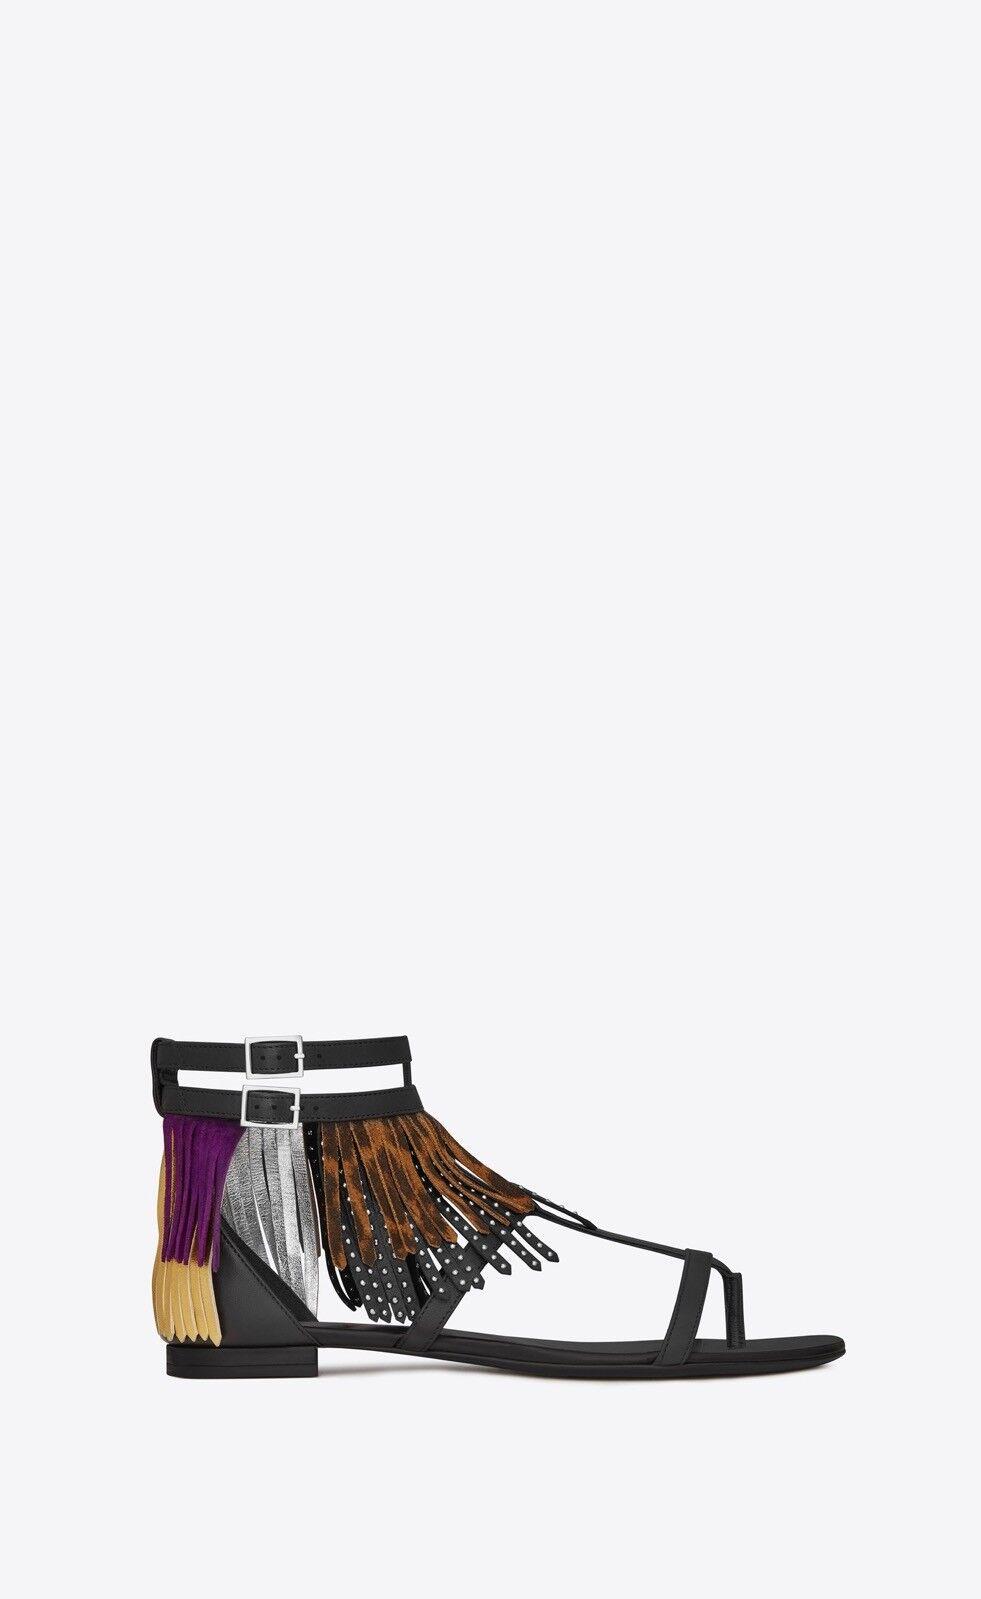 Saint Laurent YSL Nu Pieds 10 Fringe Ankle Strap Flat Gladiator Sandals 38.5 8.5